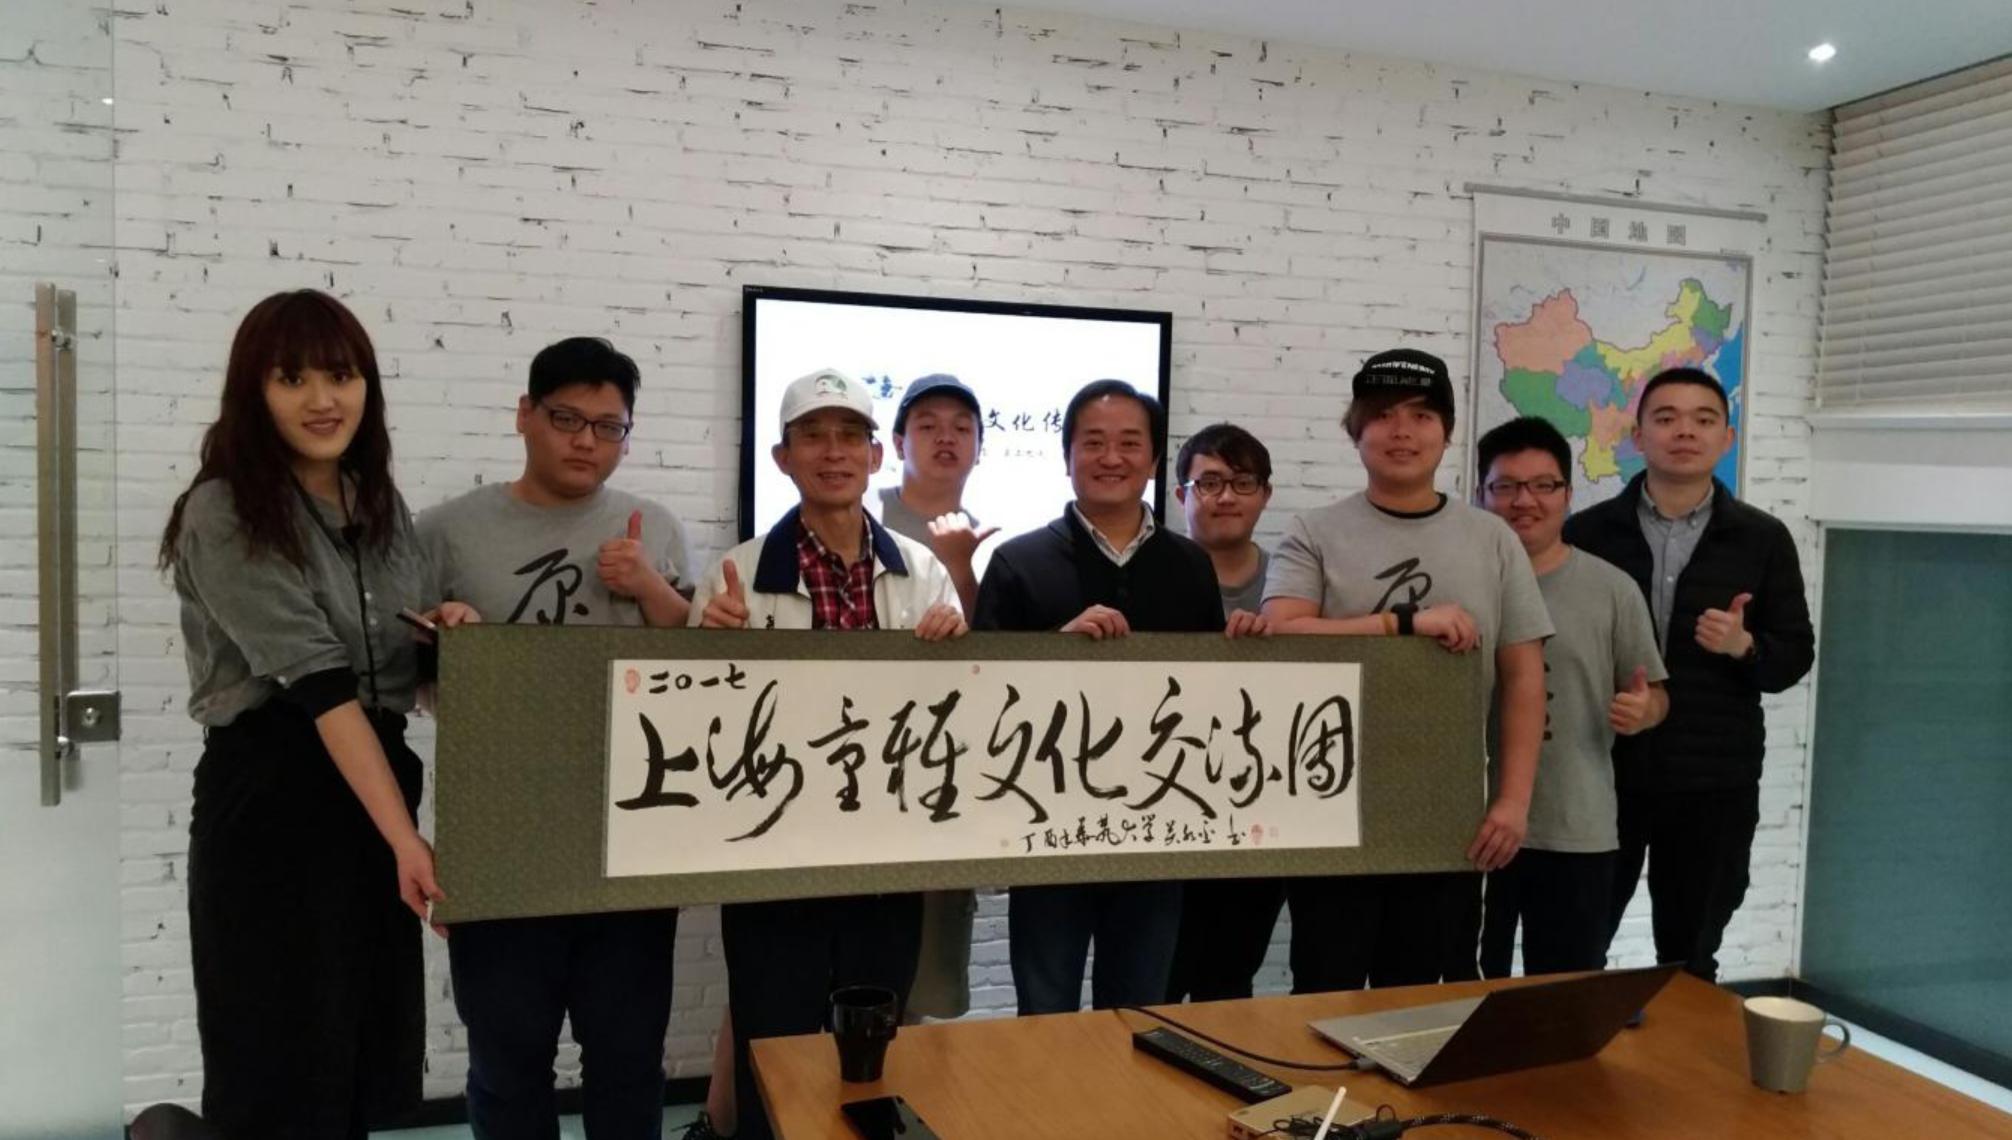 國際學習交流週成果系列四 工管系赴上海童雅文化公司學習行銷策略規劃